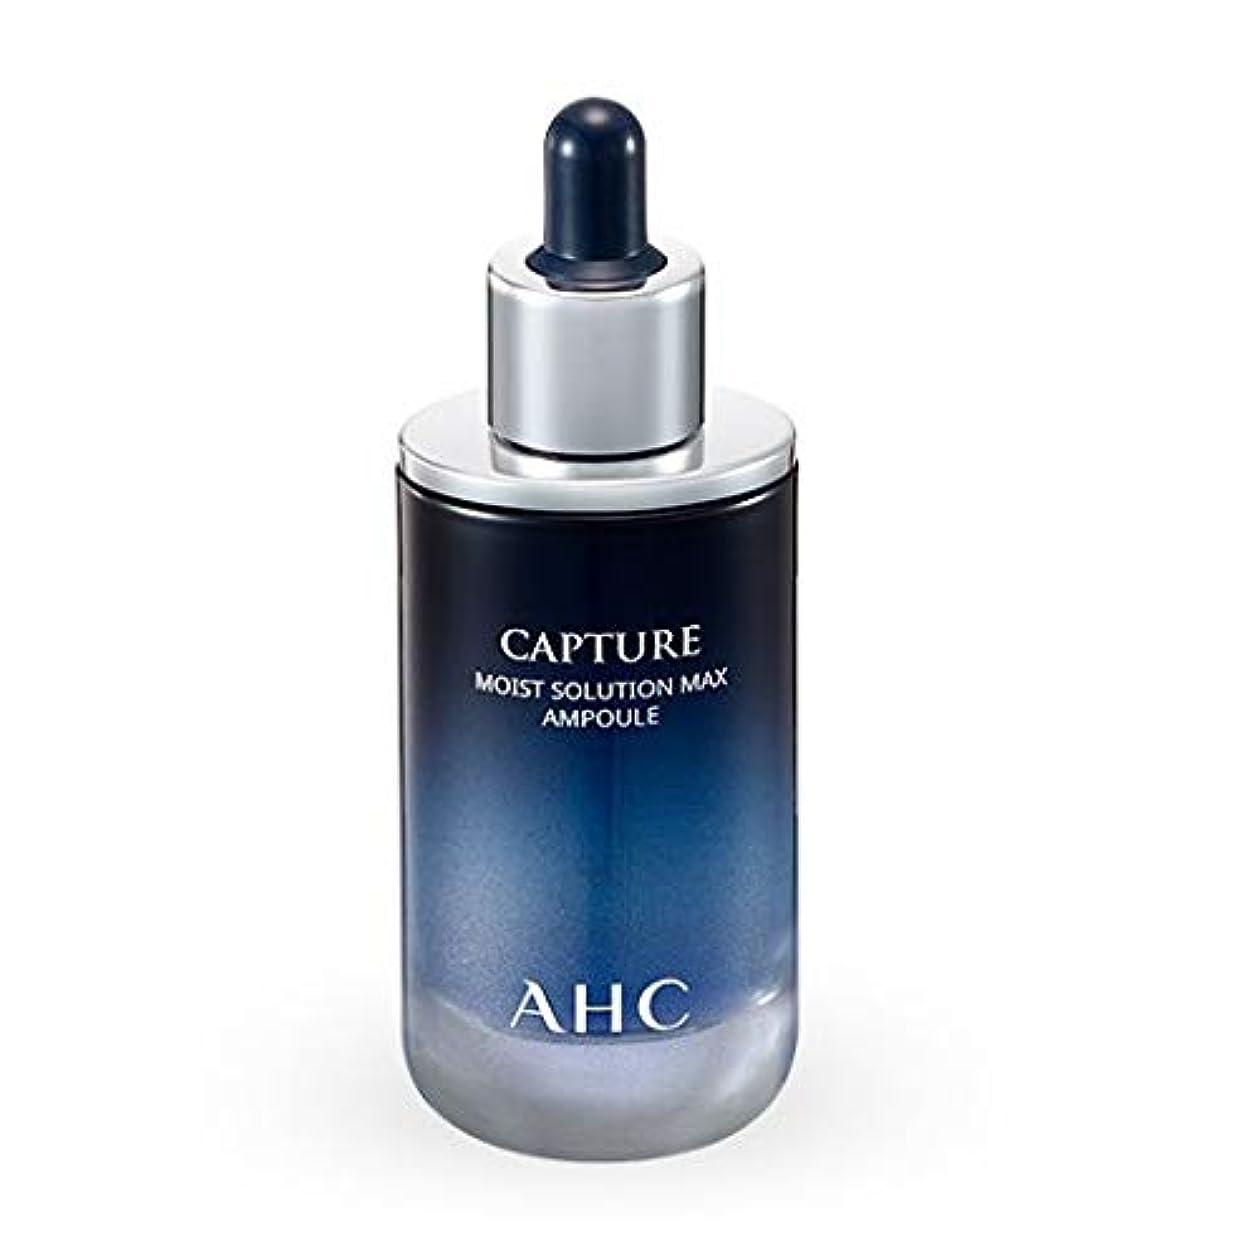 仮説息を切らして回転AHC Capture Moist Solution Max Ampoule/キャプチャー モイスト ソリューション マックス アンプル 50ml [並行輸入品]